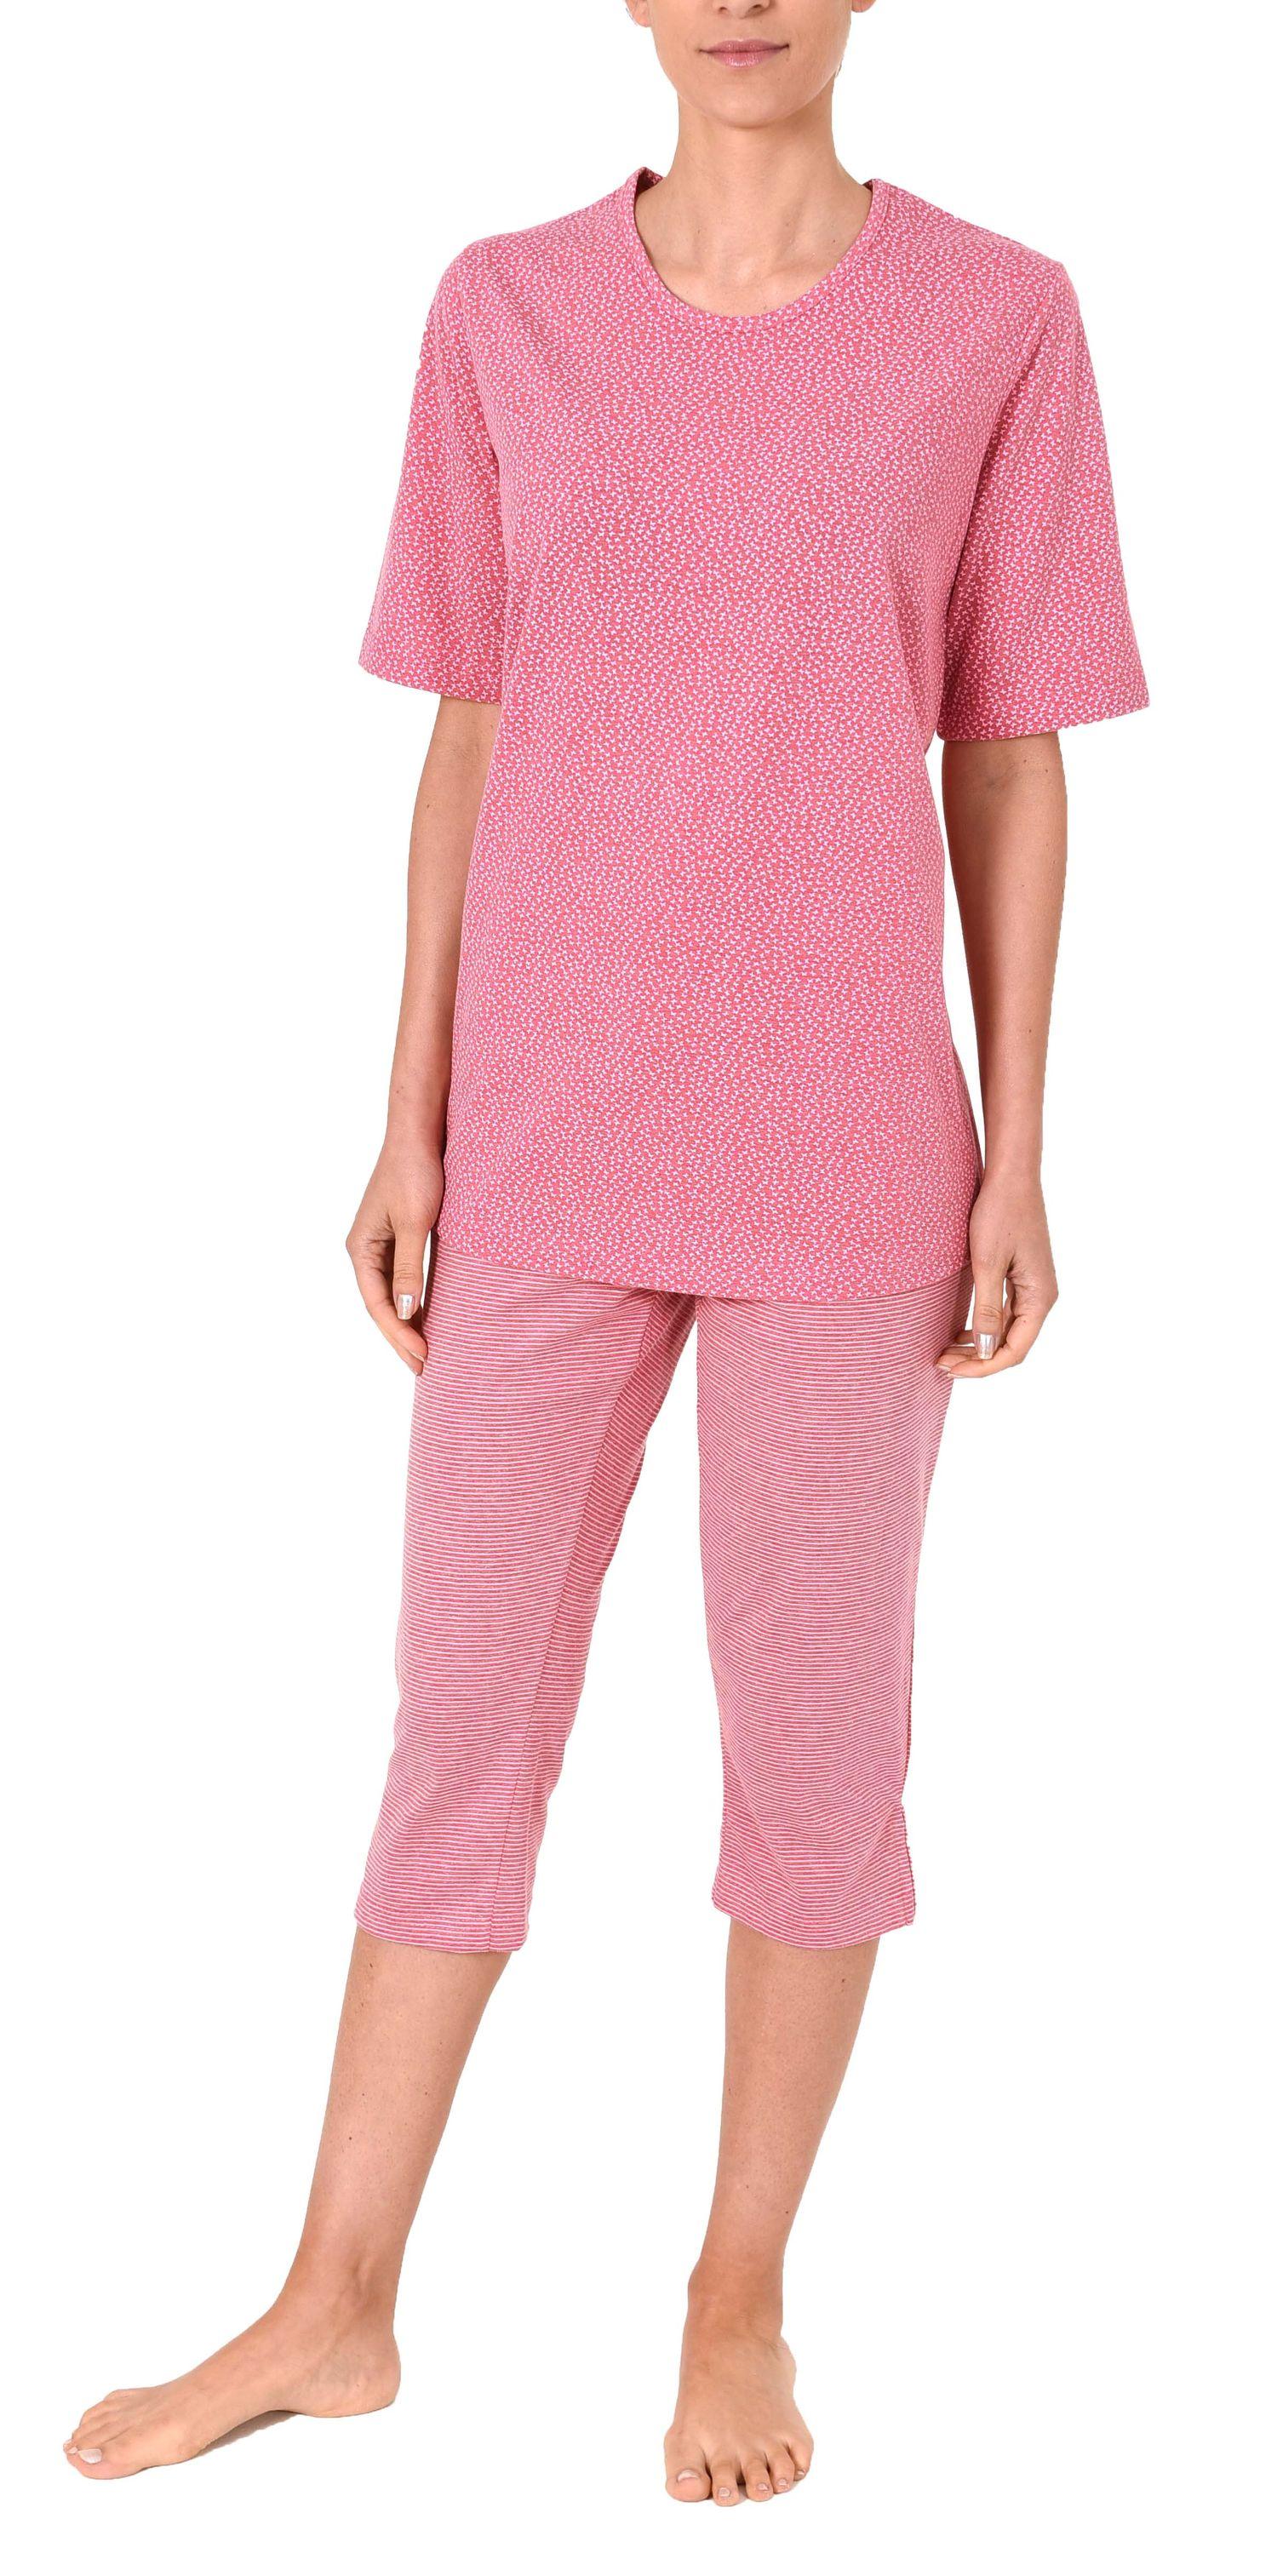 Damen Capri Pyjama kurzarm Schlafanzug mit Schmetterling Tupfen Top und Ringelhose 60681 – Bild 2